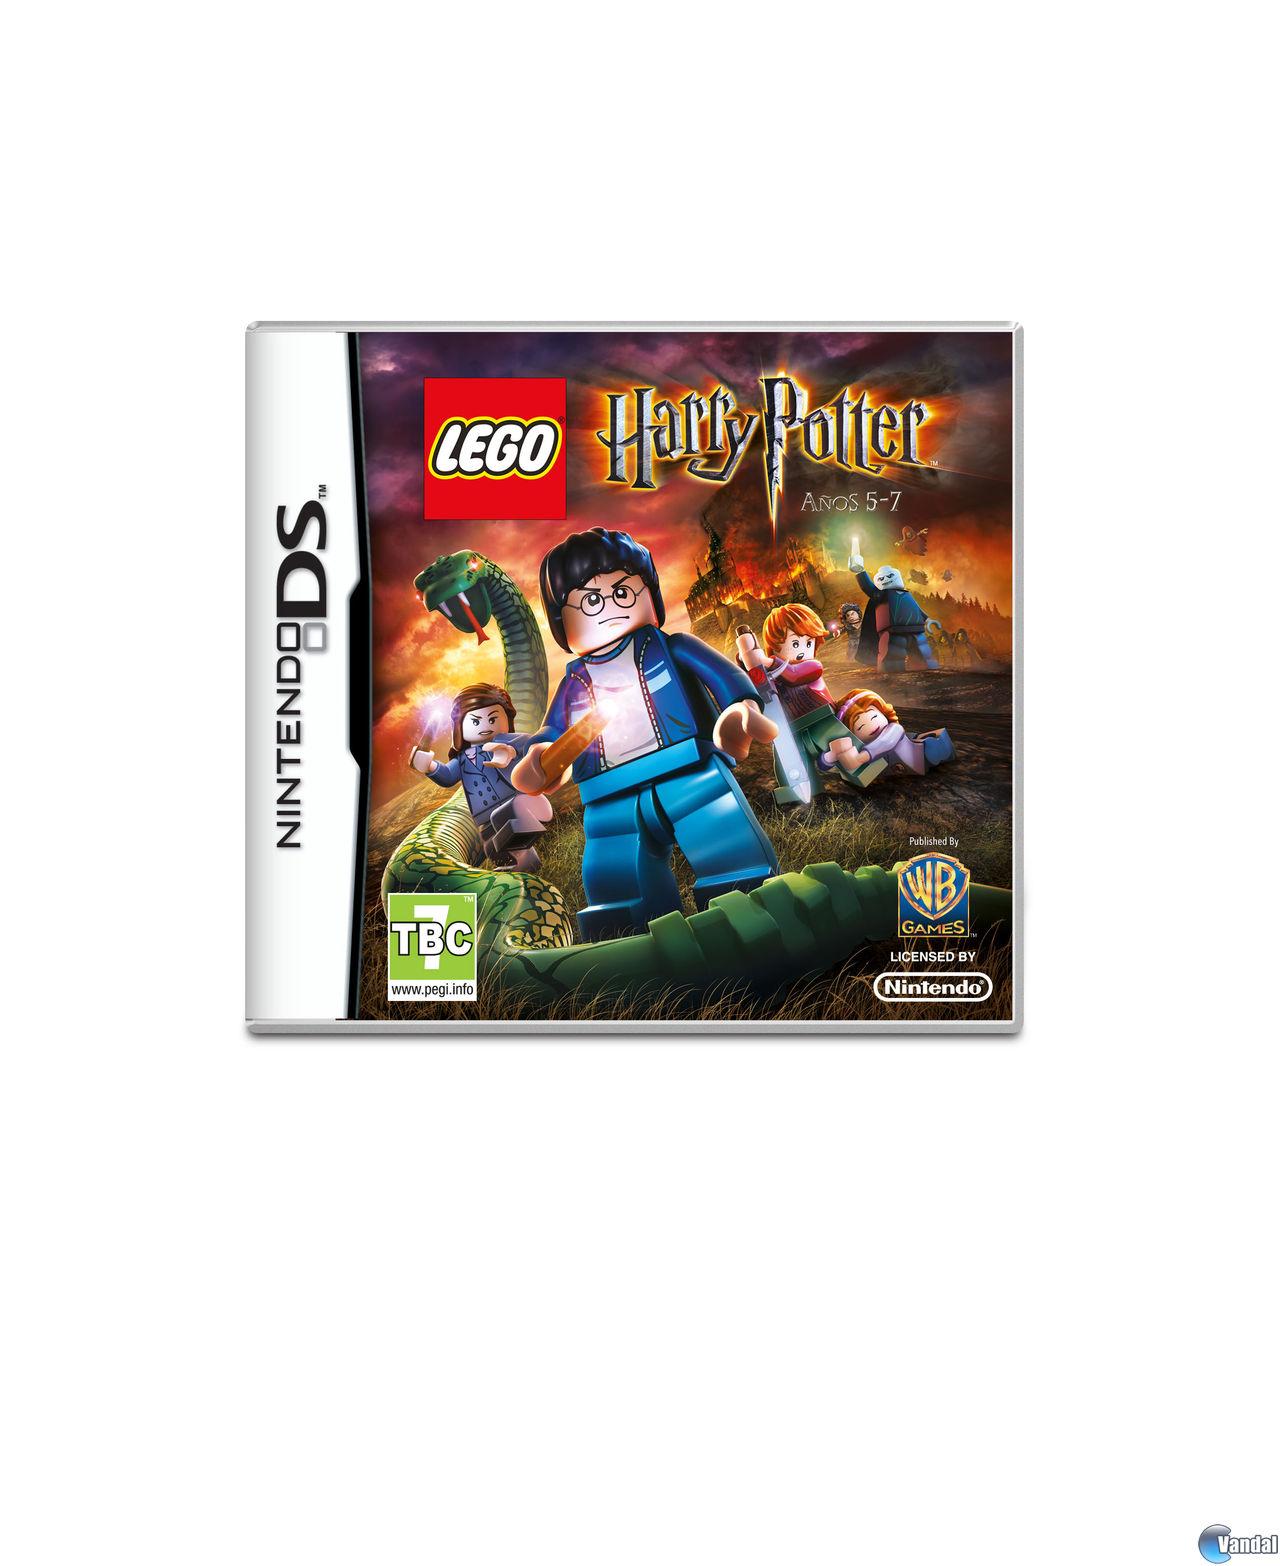 Imagen 2 de LEGO Harry Potter: a�os 5-7 para Nintendo DS